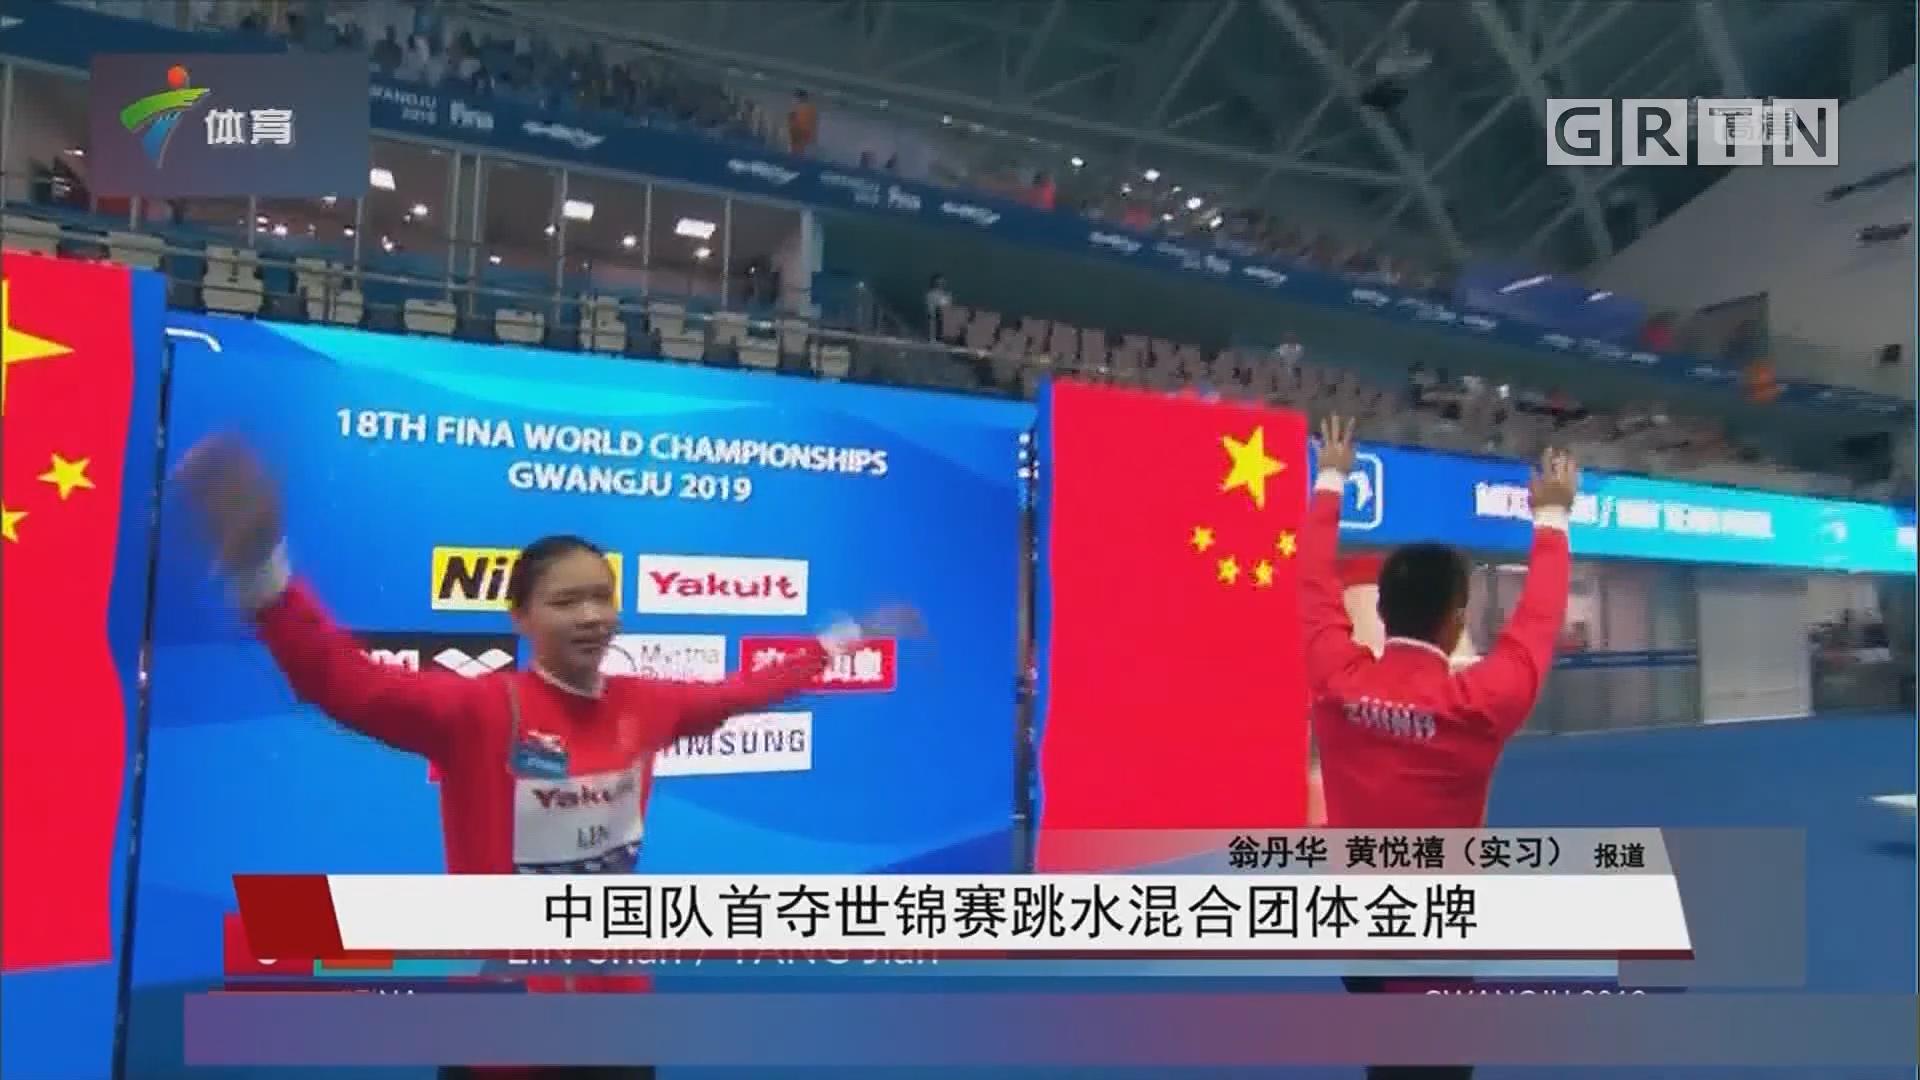 中国队首夺世锦赛跳水混合团体金牌